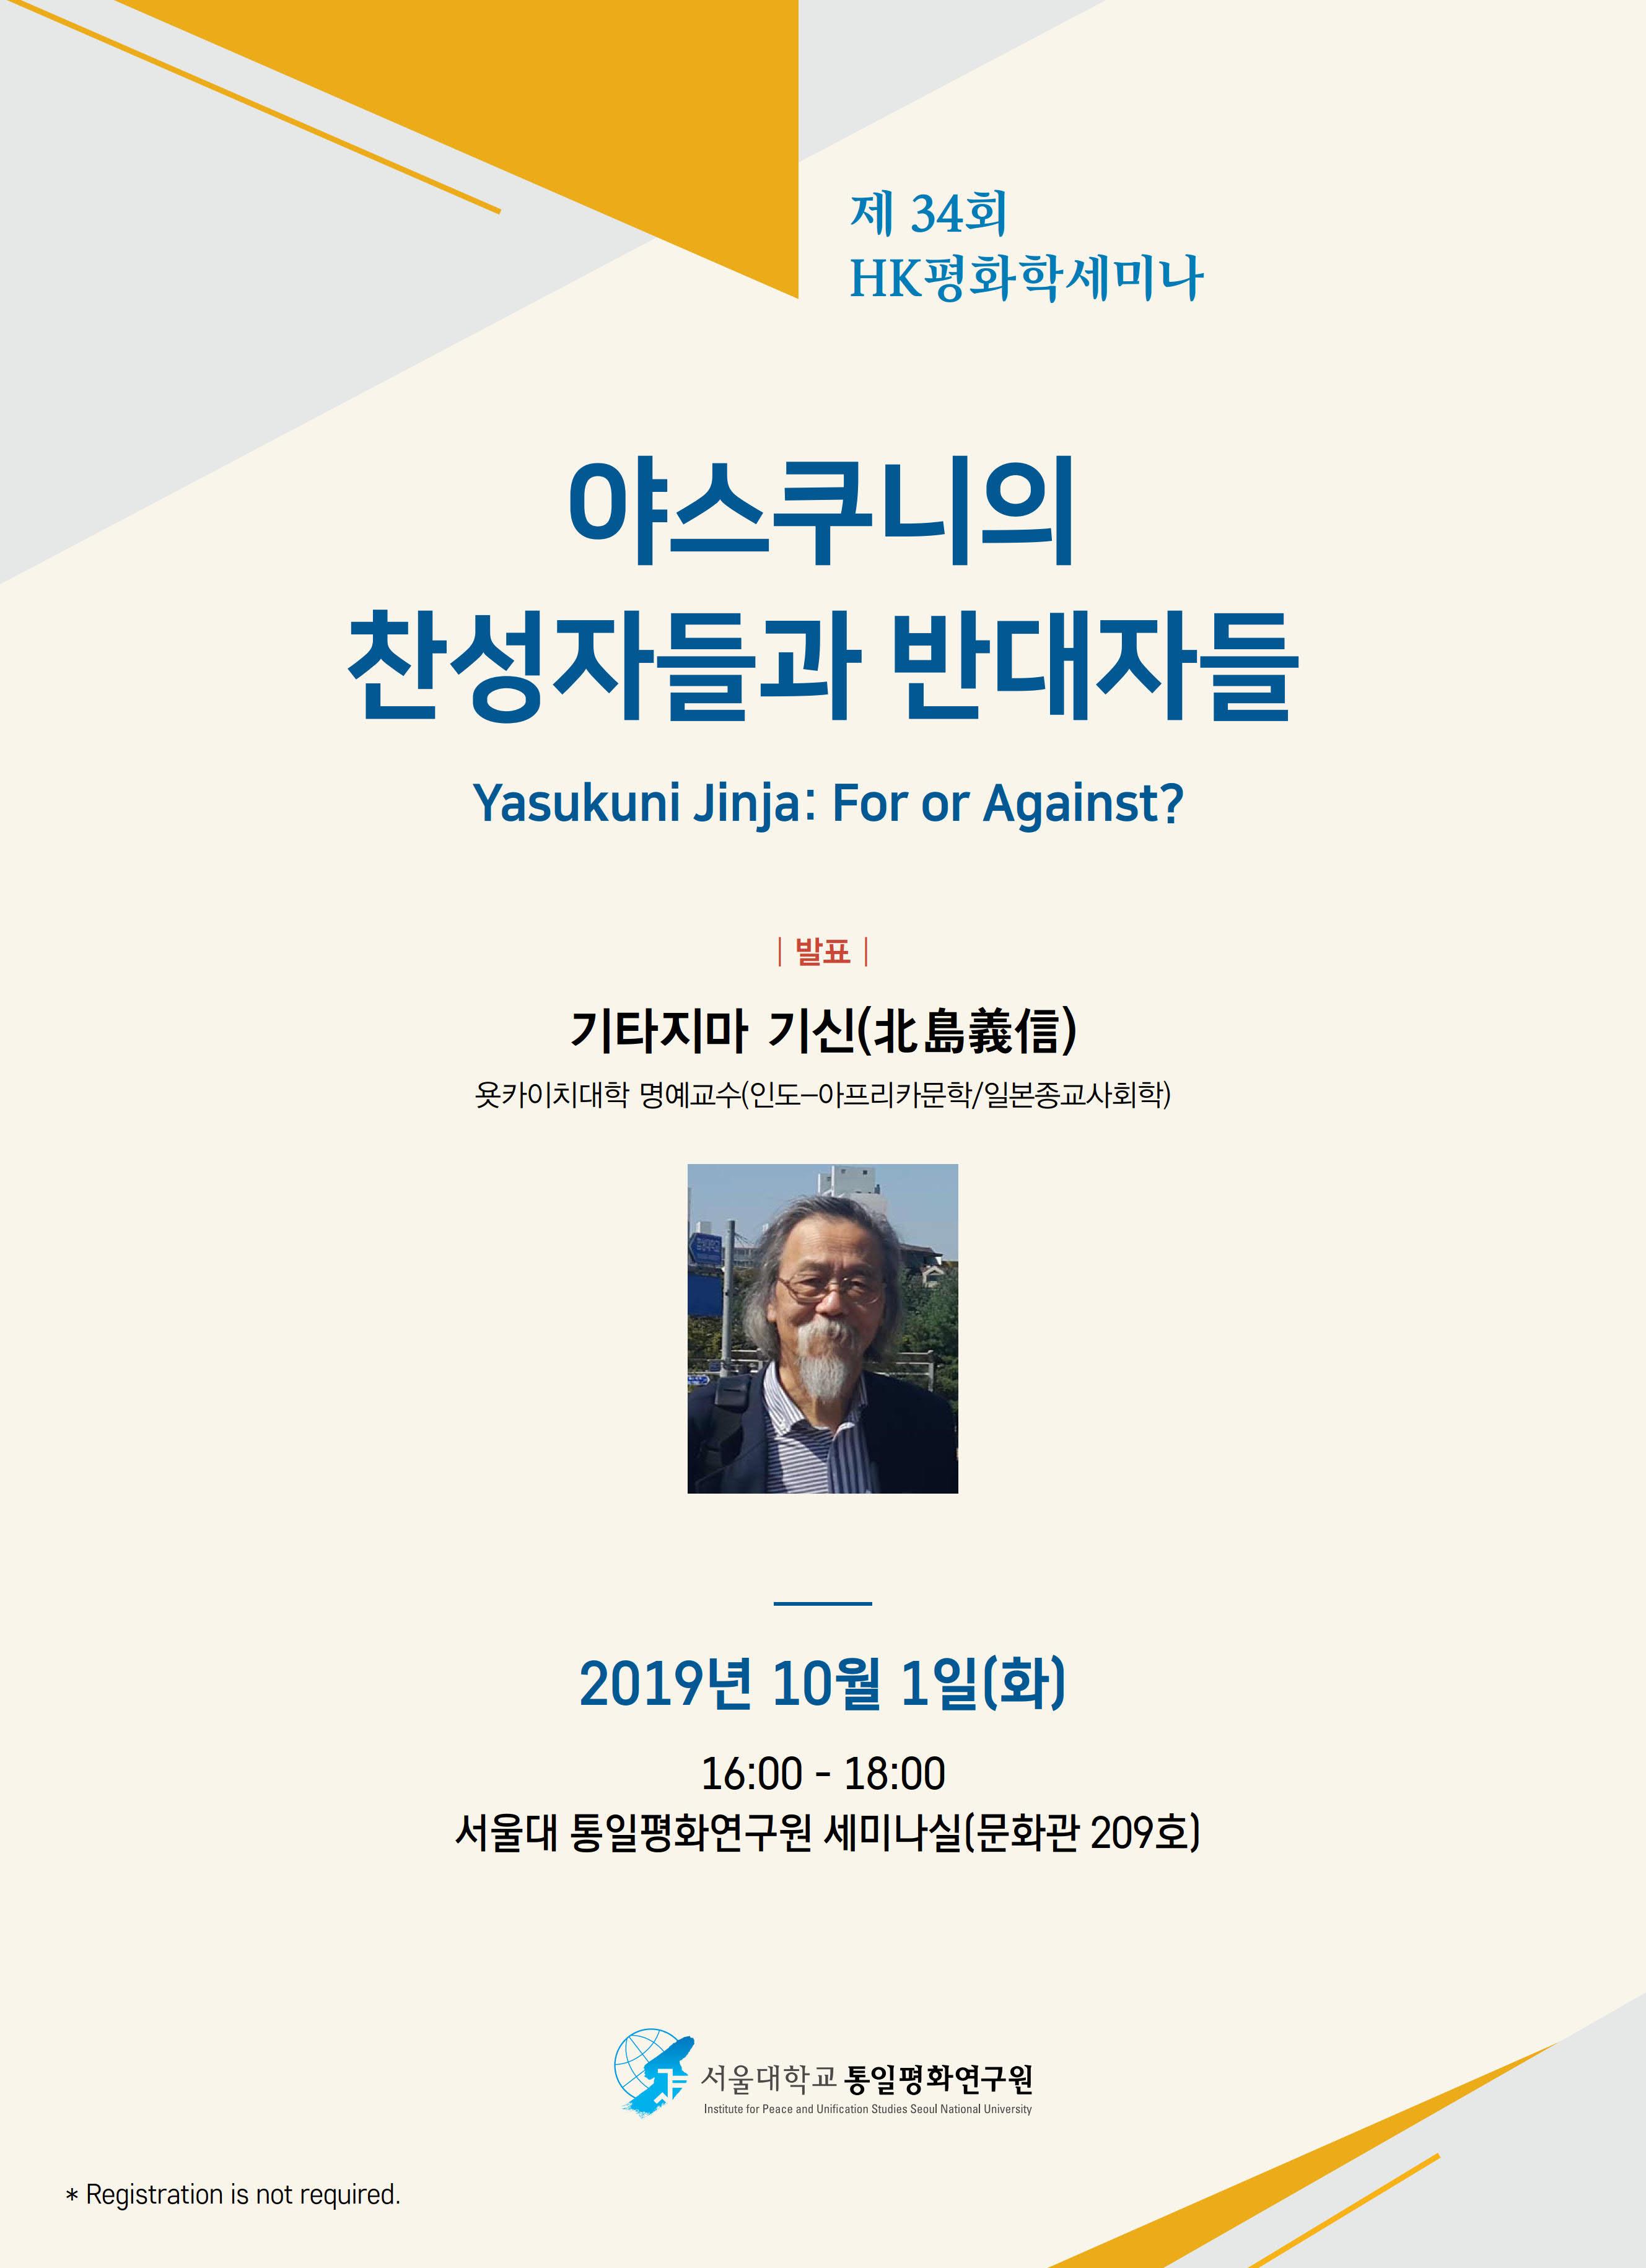 [제34회 HK평화학세미나] 야스쿠니의 찬성자들과 반대자들_1.jpg